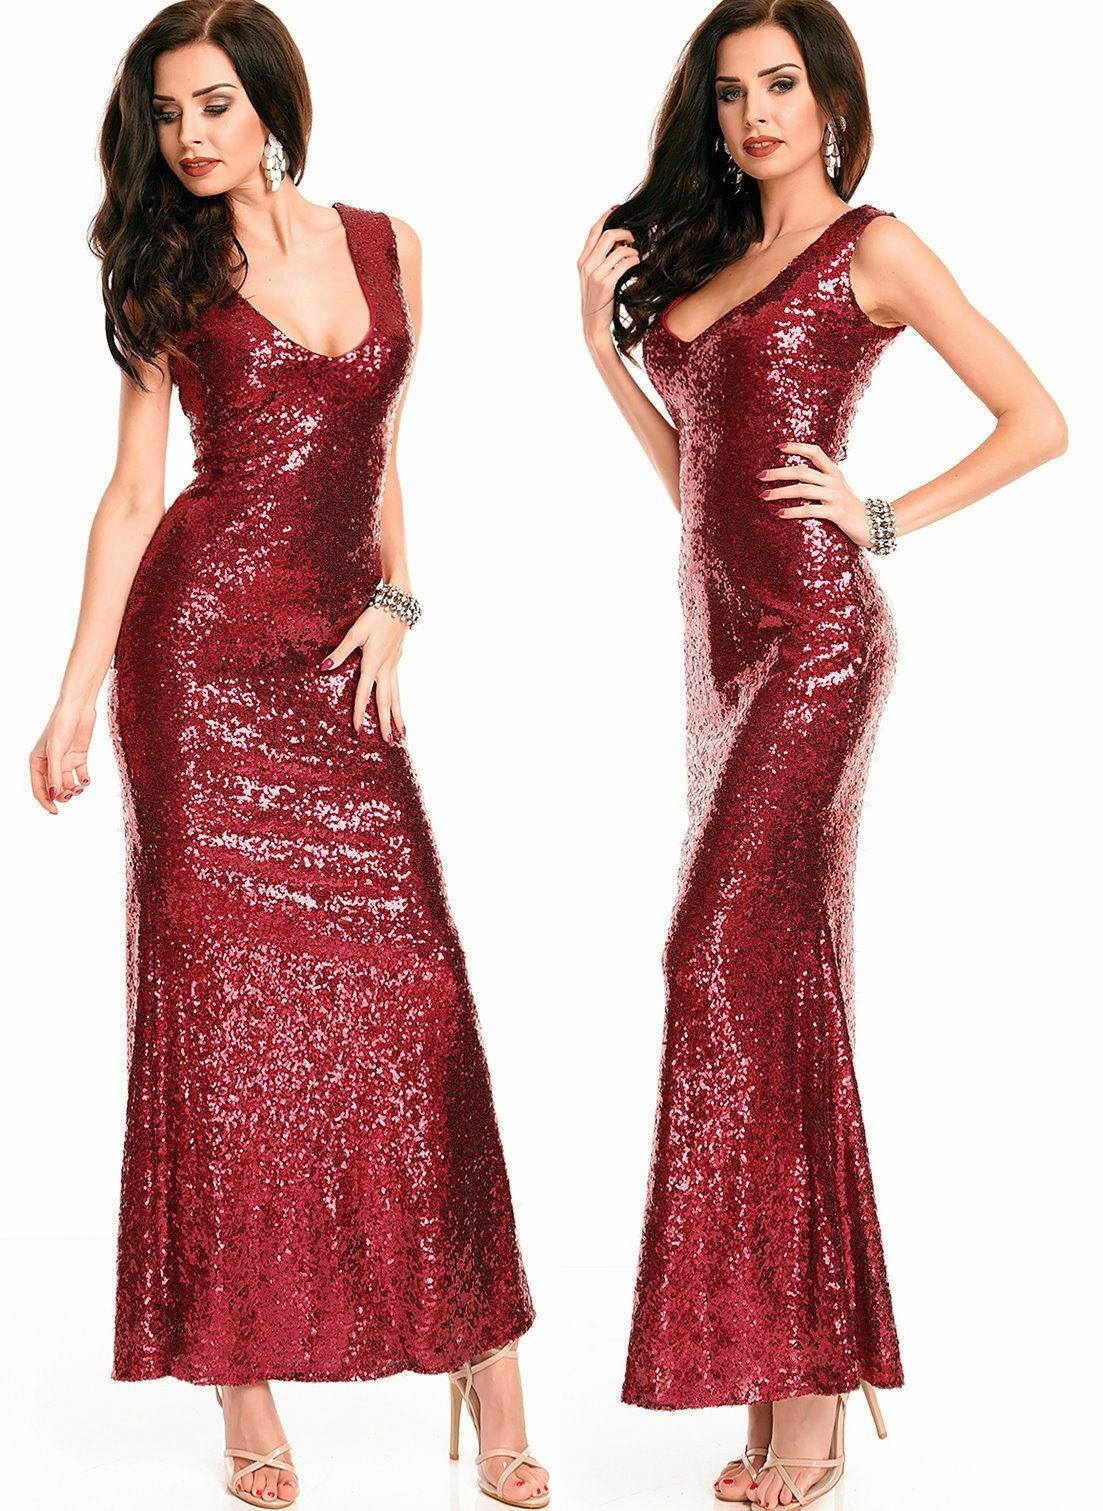 15 Einfach Pailletten Kleid Abendkleid StylishAbend Genial Pailletten Kleid Abendkleid Bester Preis